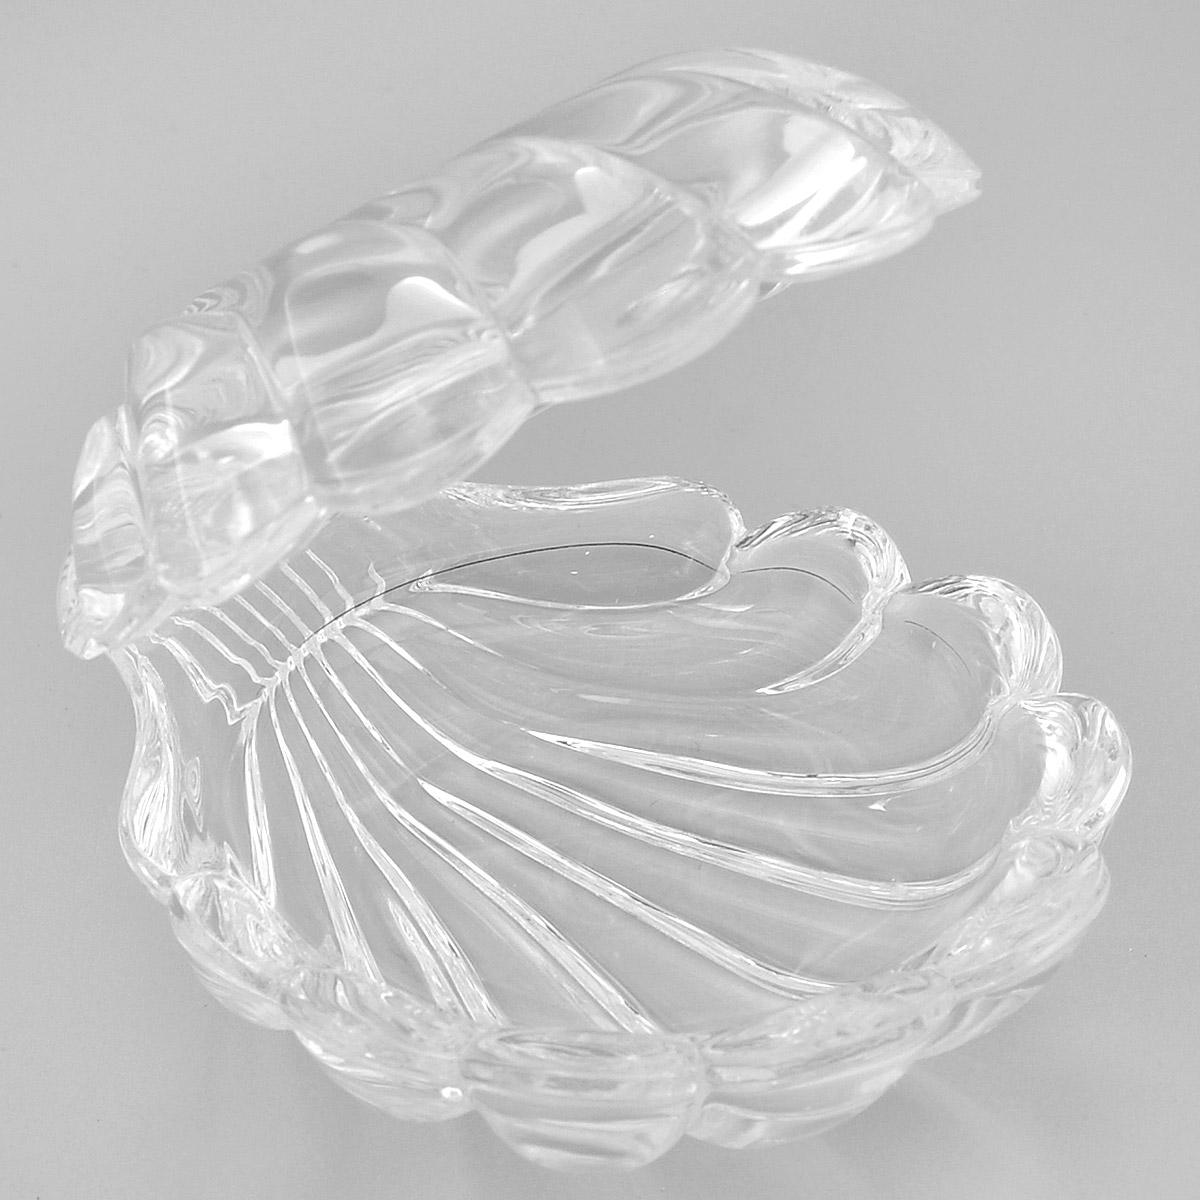 Доза Crystal Bohemia Ракушка, 7,5 х 9 х 8 смFS-91909Доза Crystal Bohemia Ракушка изготовлена из высококачественного хрусталя. Доза выполнена в форме открытой ракушки и сочетает в себе изысканный дизайн с максимальной функциональностью. Она прекрасно впишется в интерьер вашего дома. Доза подчеркнет прекрасный вкус хозяйки и станет отличным подарком.